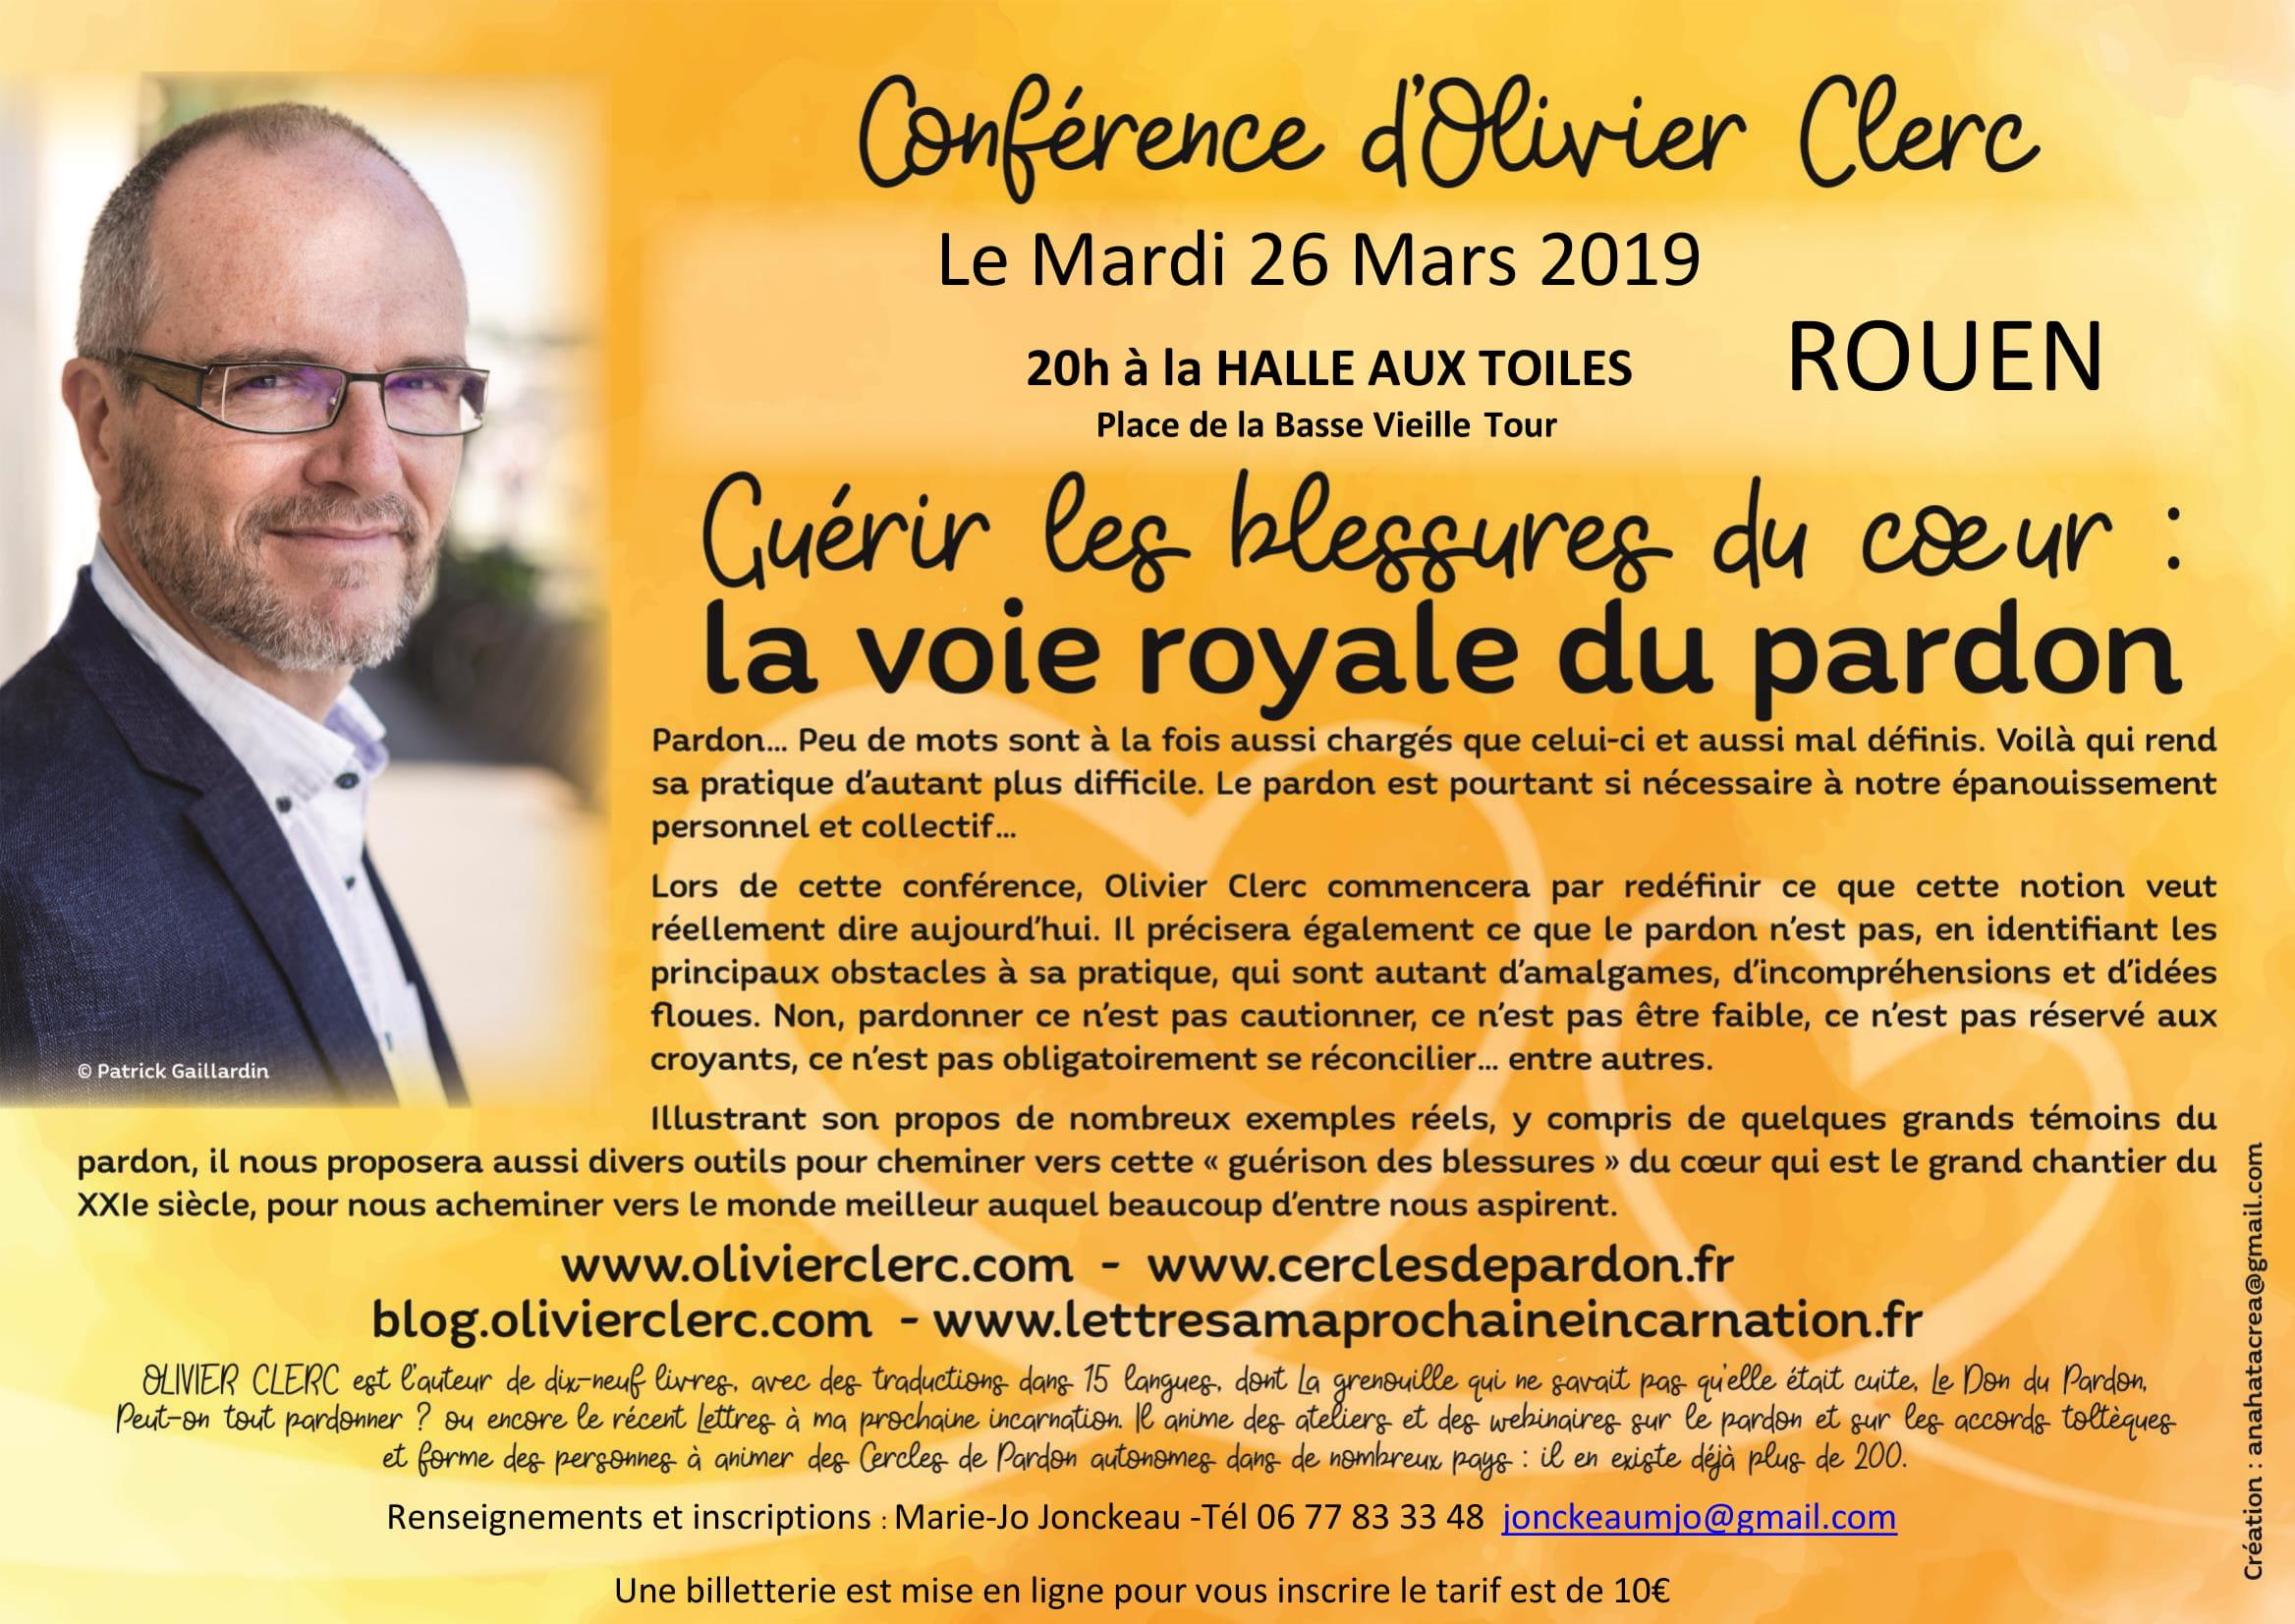 https://www.weezevent.com/conference-la-guerison-des-blessures-du-coeur-olivier-clerc-26-mars-rouen